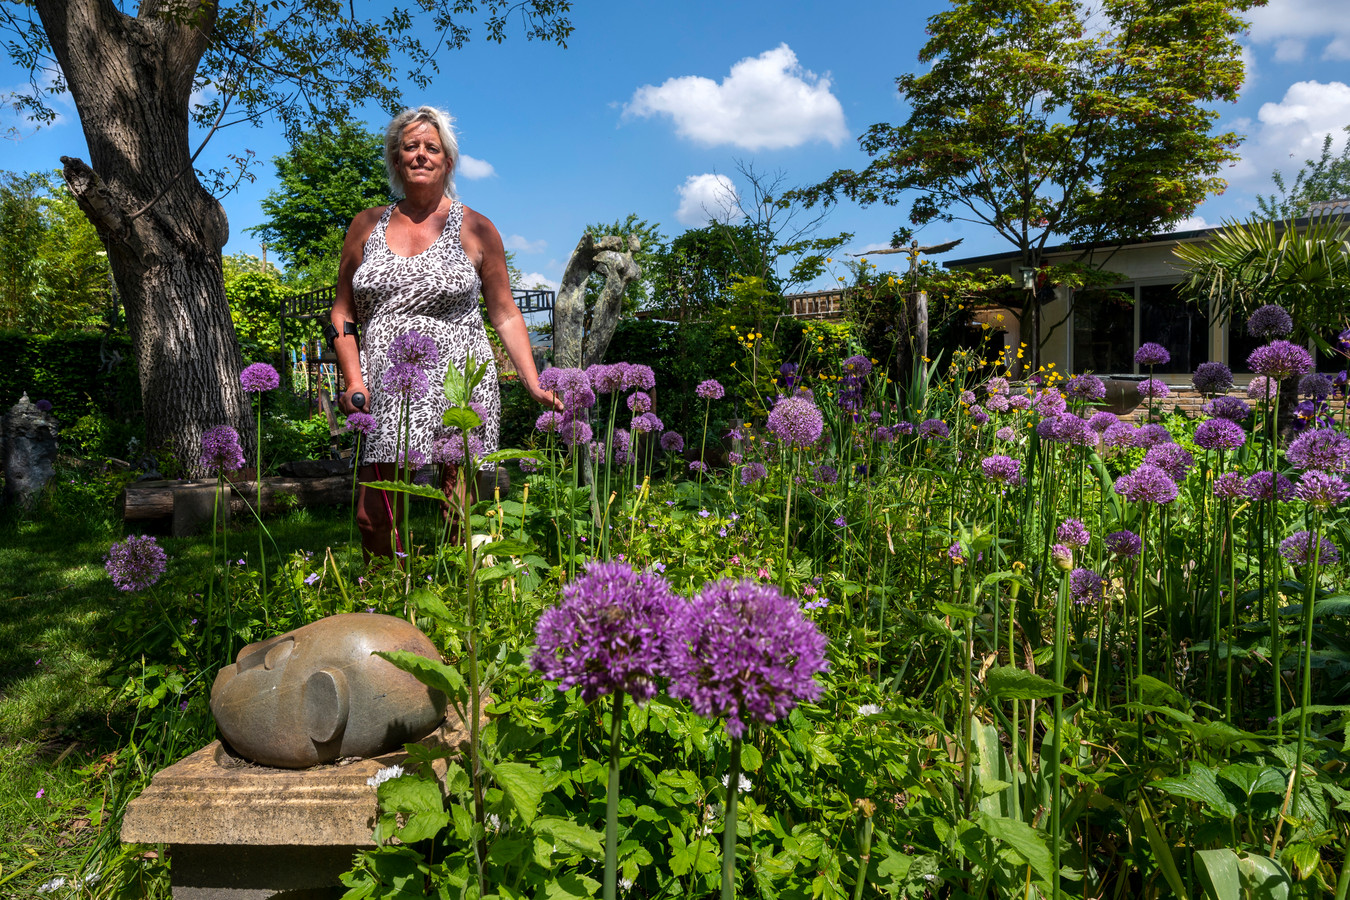 Marjo Wiltingh tussen de paarse uienbollen in haar tuin in Doornenburg. Foto: Gerard Burgers